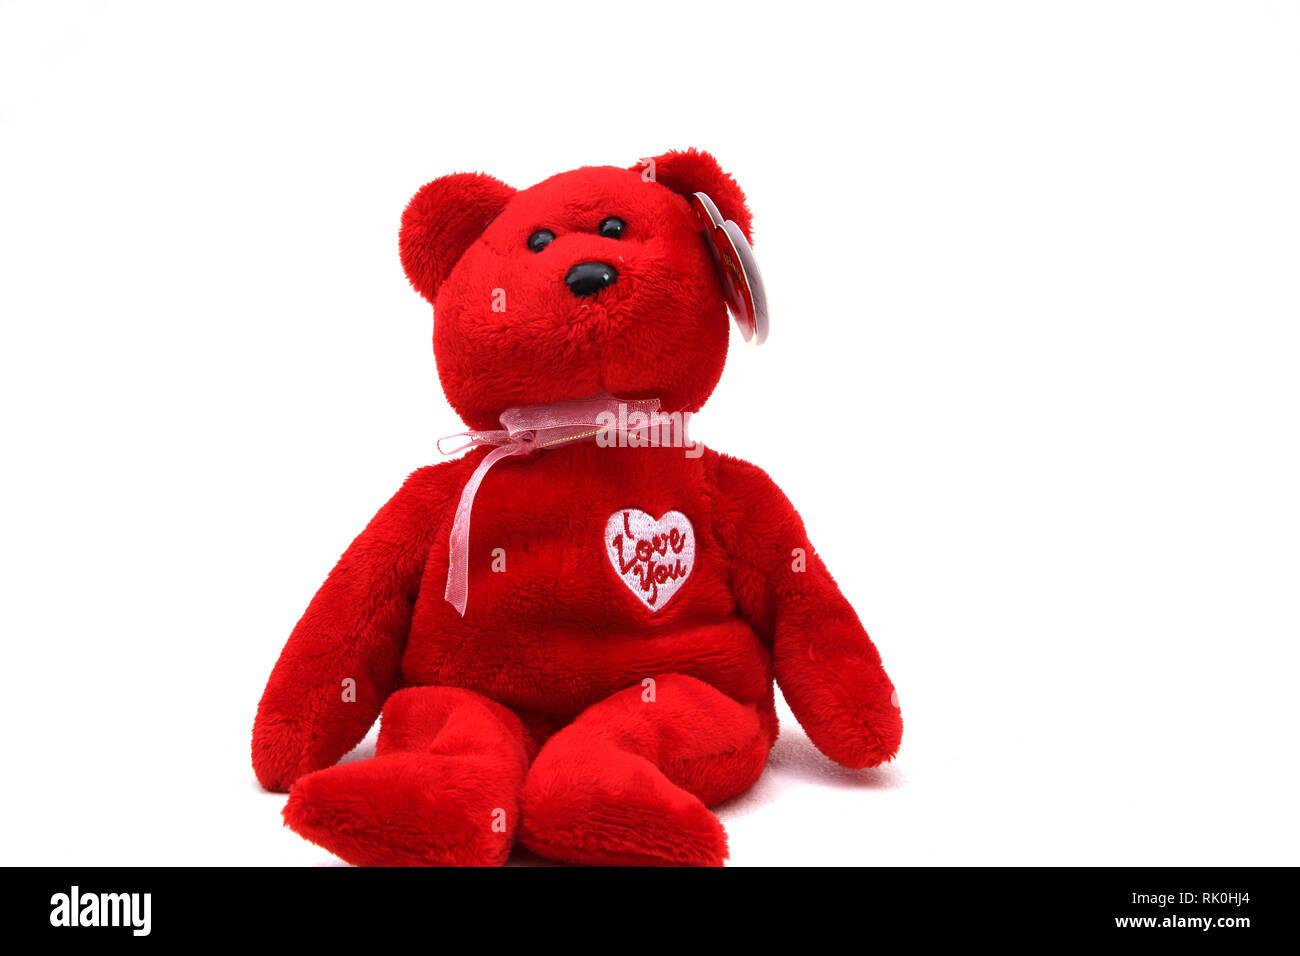 aa23d814780 Beanie Baby Bear Stock Photos   Beanie Baby Bear Stock Images - Alamy